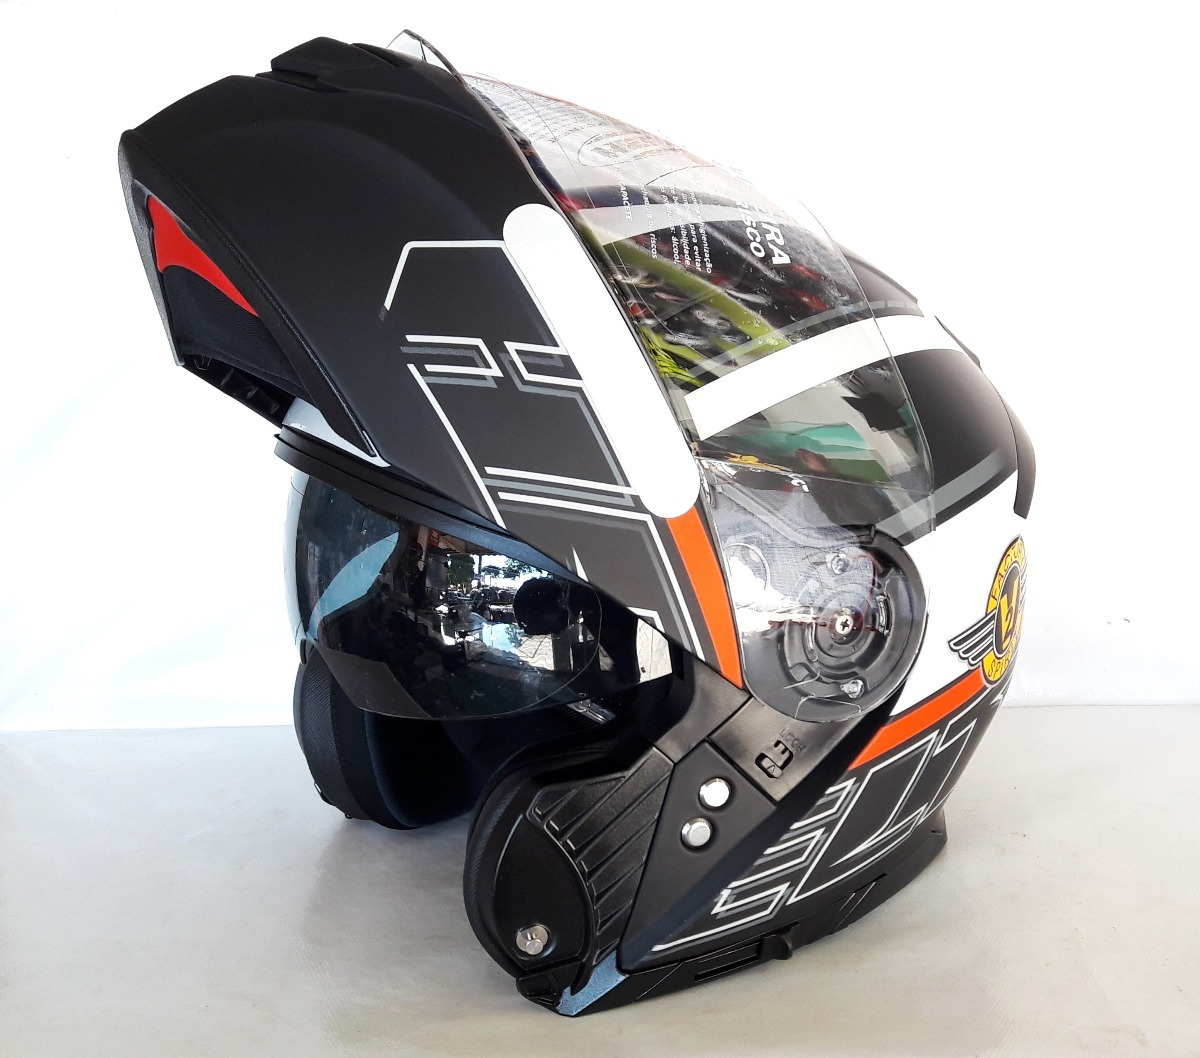 capacete articulado hippo glass spirit 62 com óculos interno. Carregando  zoom. 889017762de